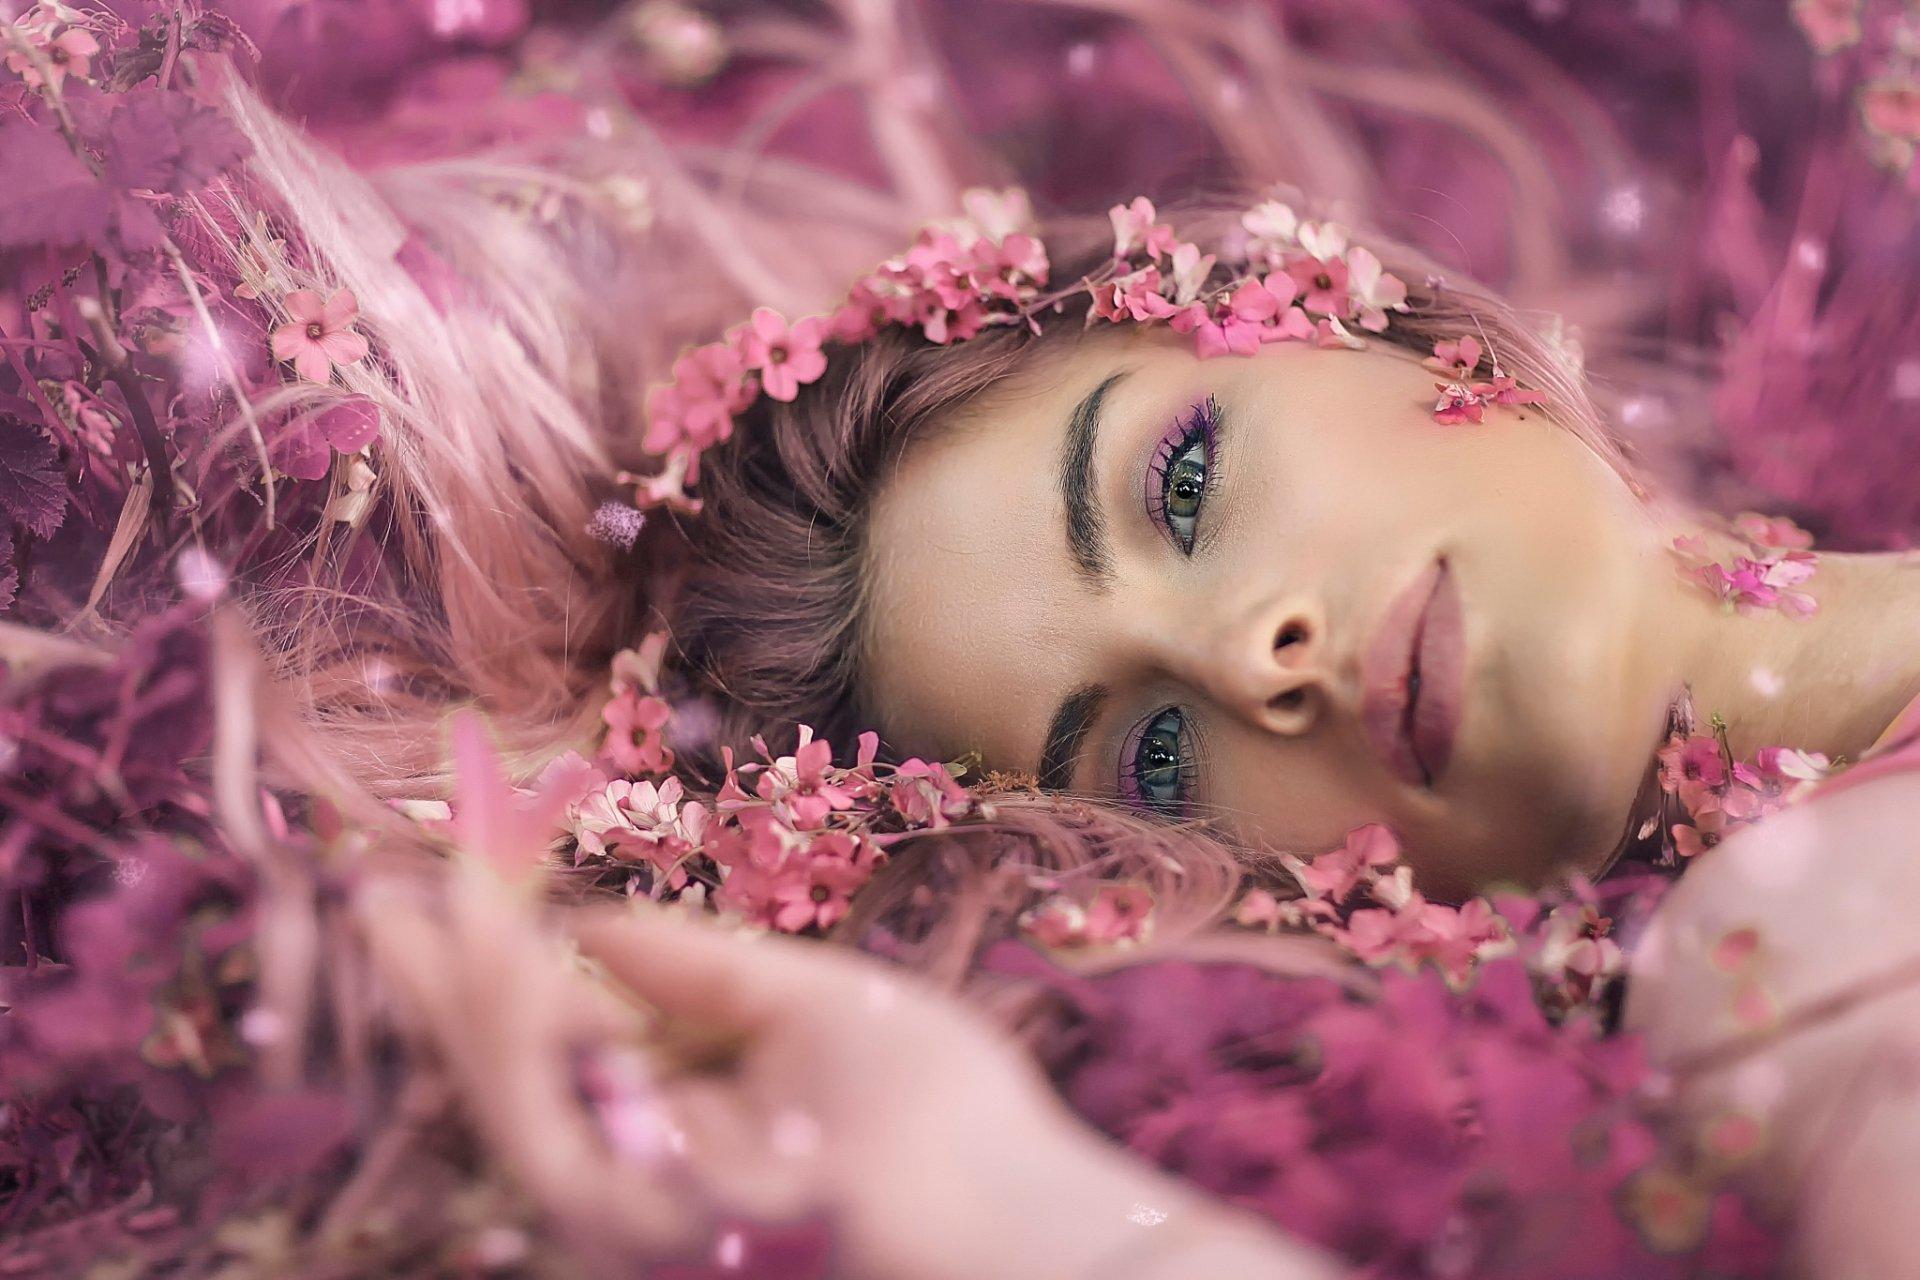 女性 - 面容  花 Woman Green Eyes Pink Flower 情绪 女孩 Lying Down 壁纸